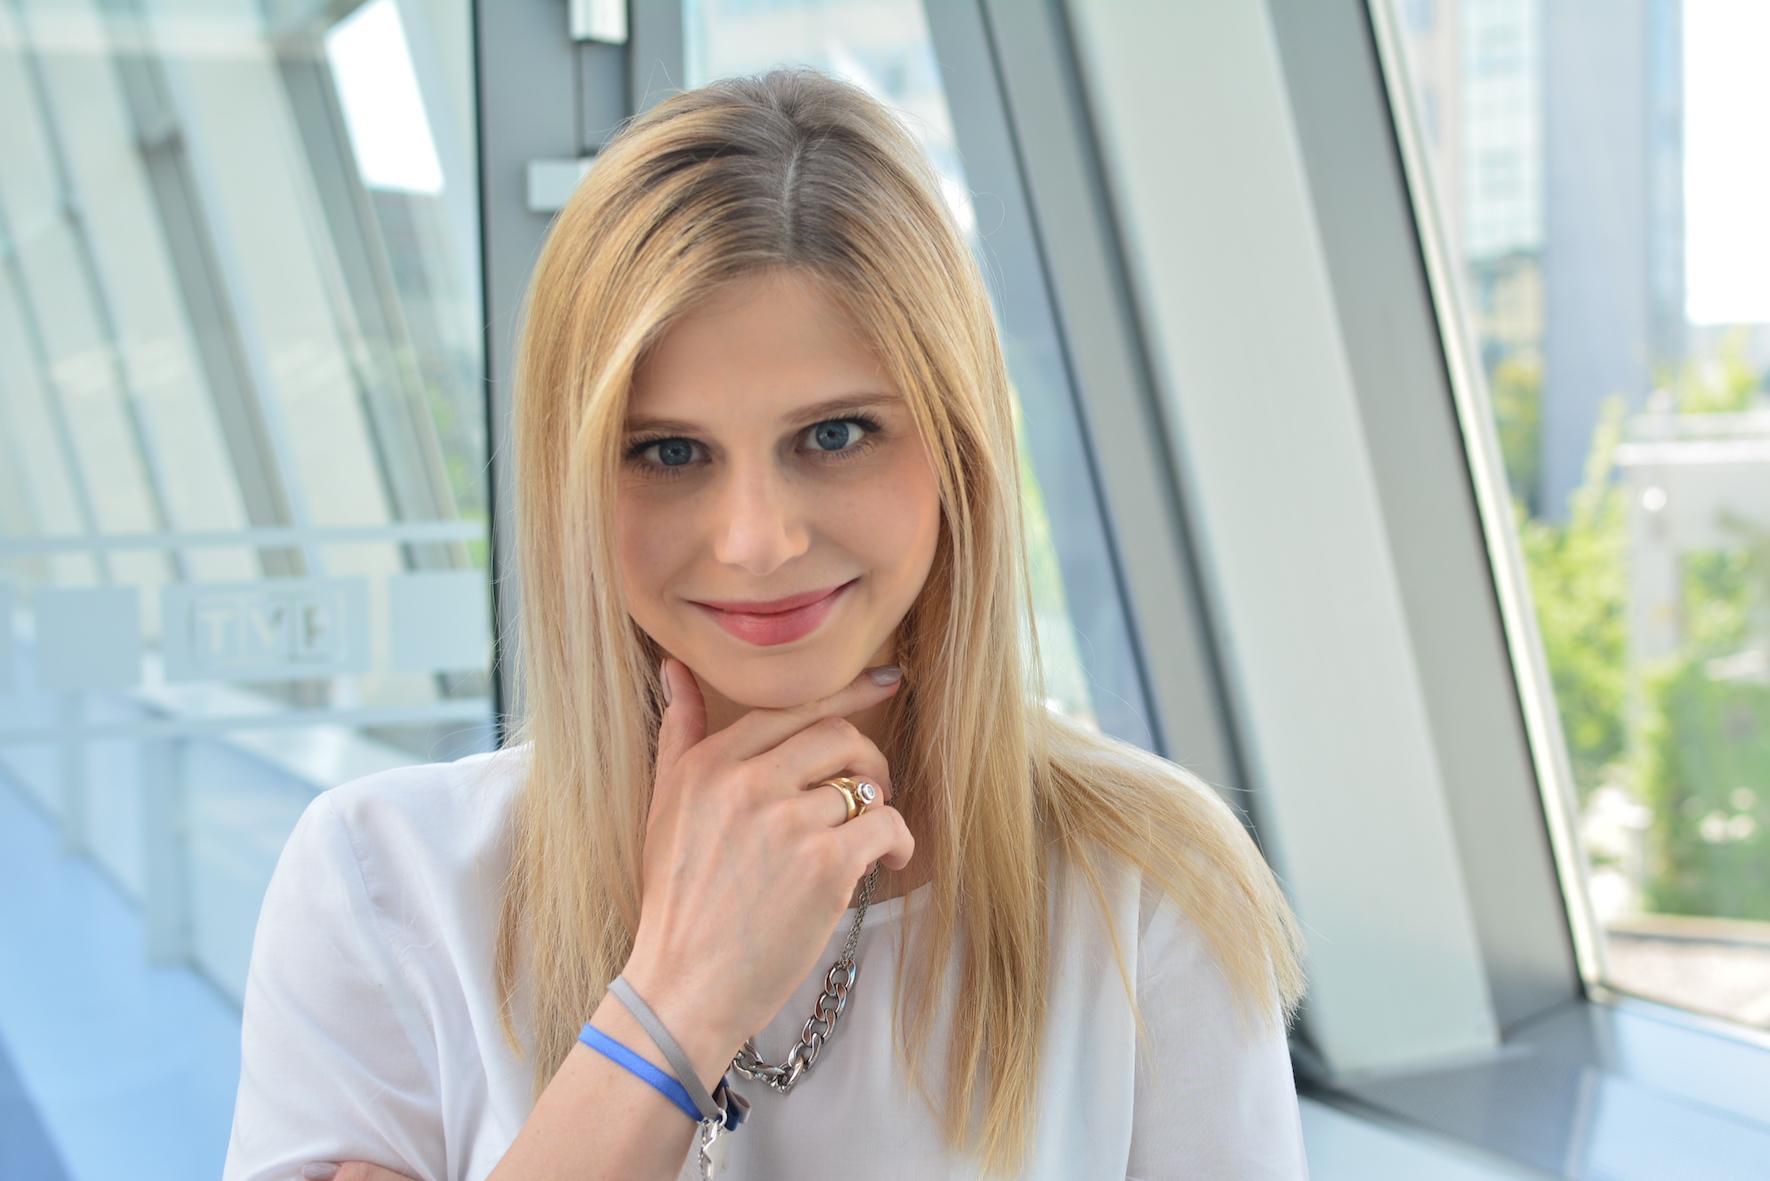 BlogStar: Izabela Zwierzyńska: Będę mamą - bezpieczna podróż samochodem - BlogStar.pl